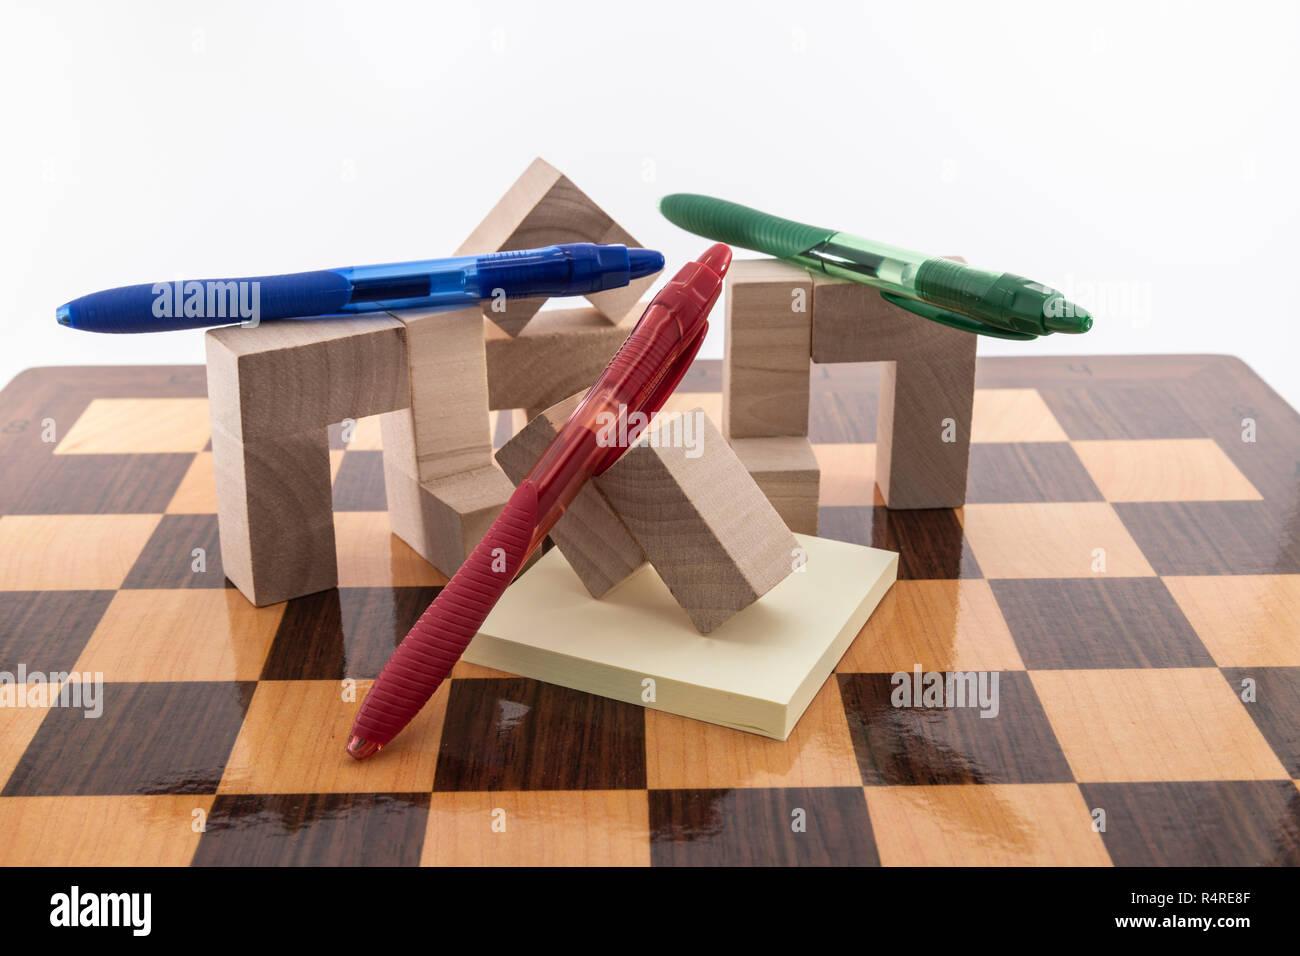 Un tablero de ajedrez y lápices de colores, colocado sobre un fondo blanco, Foto de stock